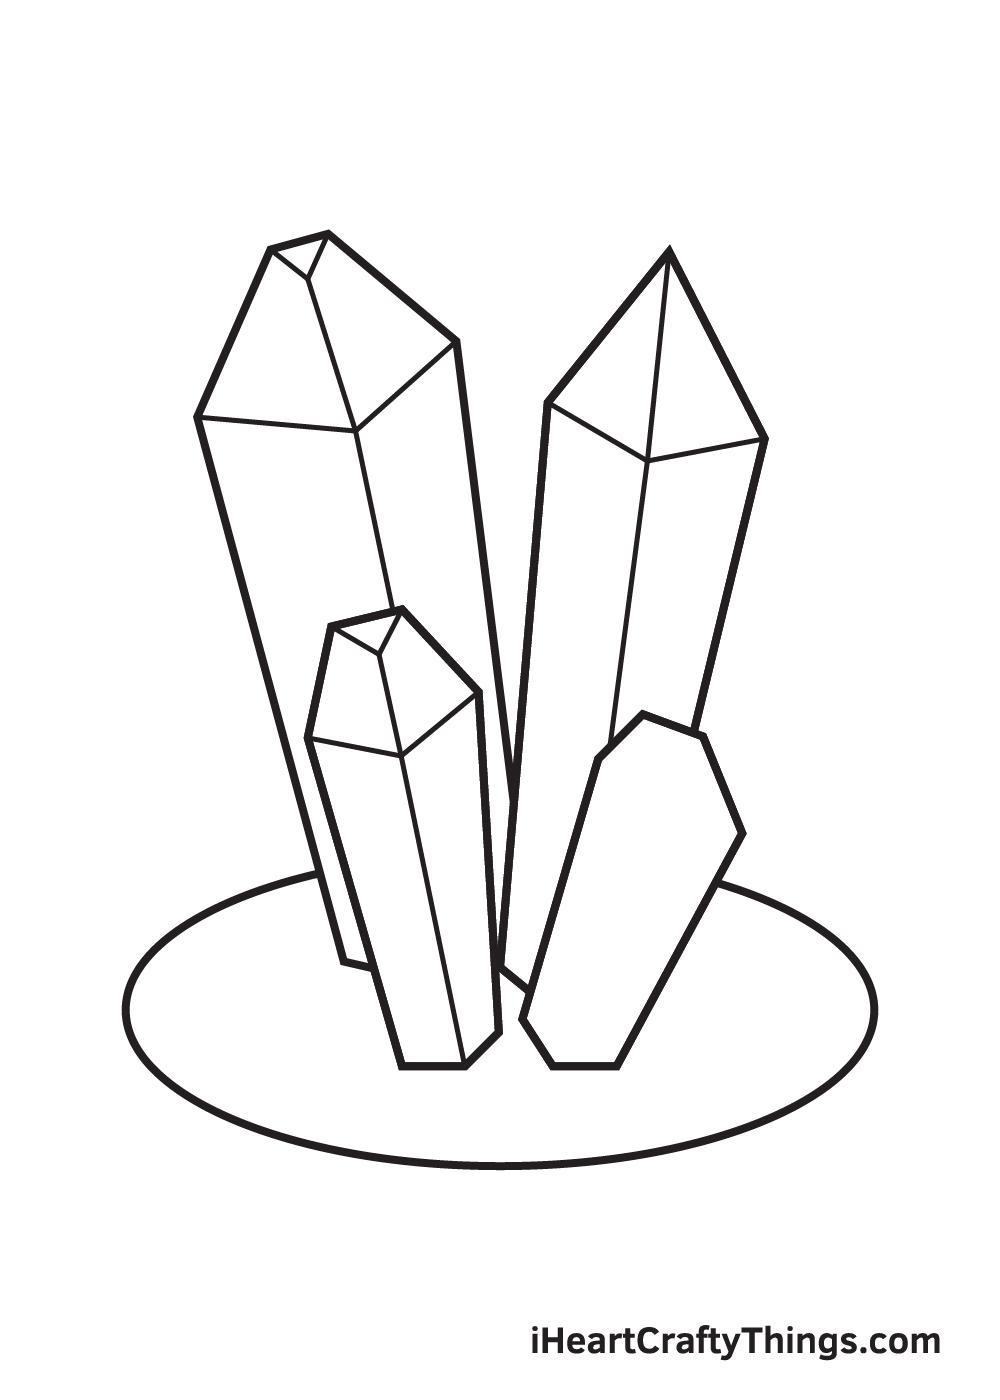 crystals drawing step 8